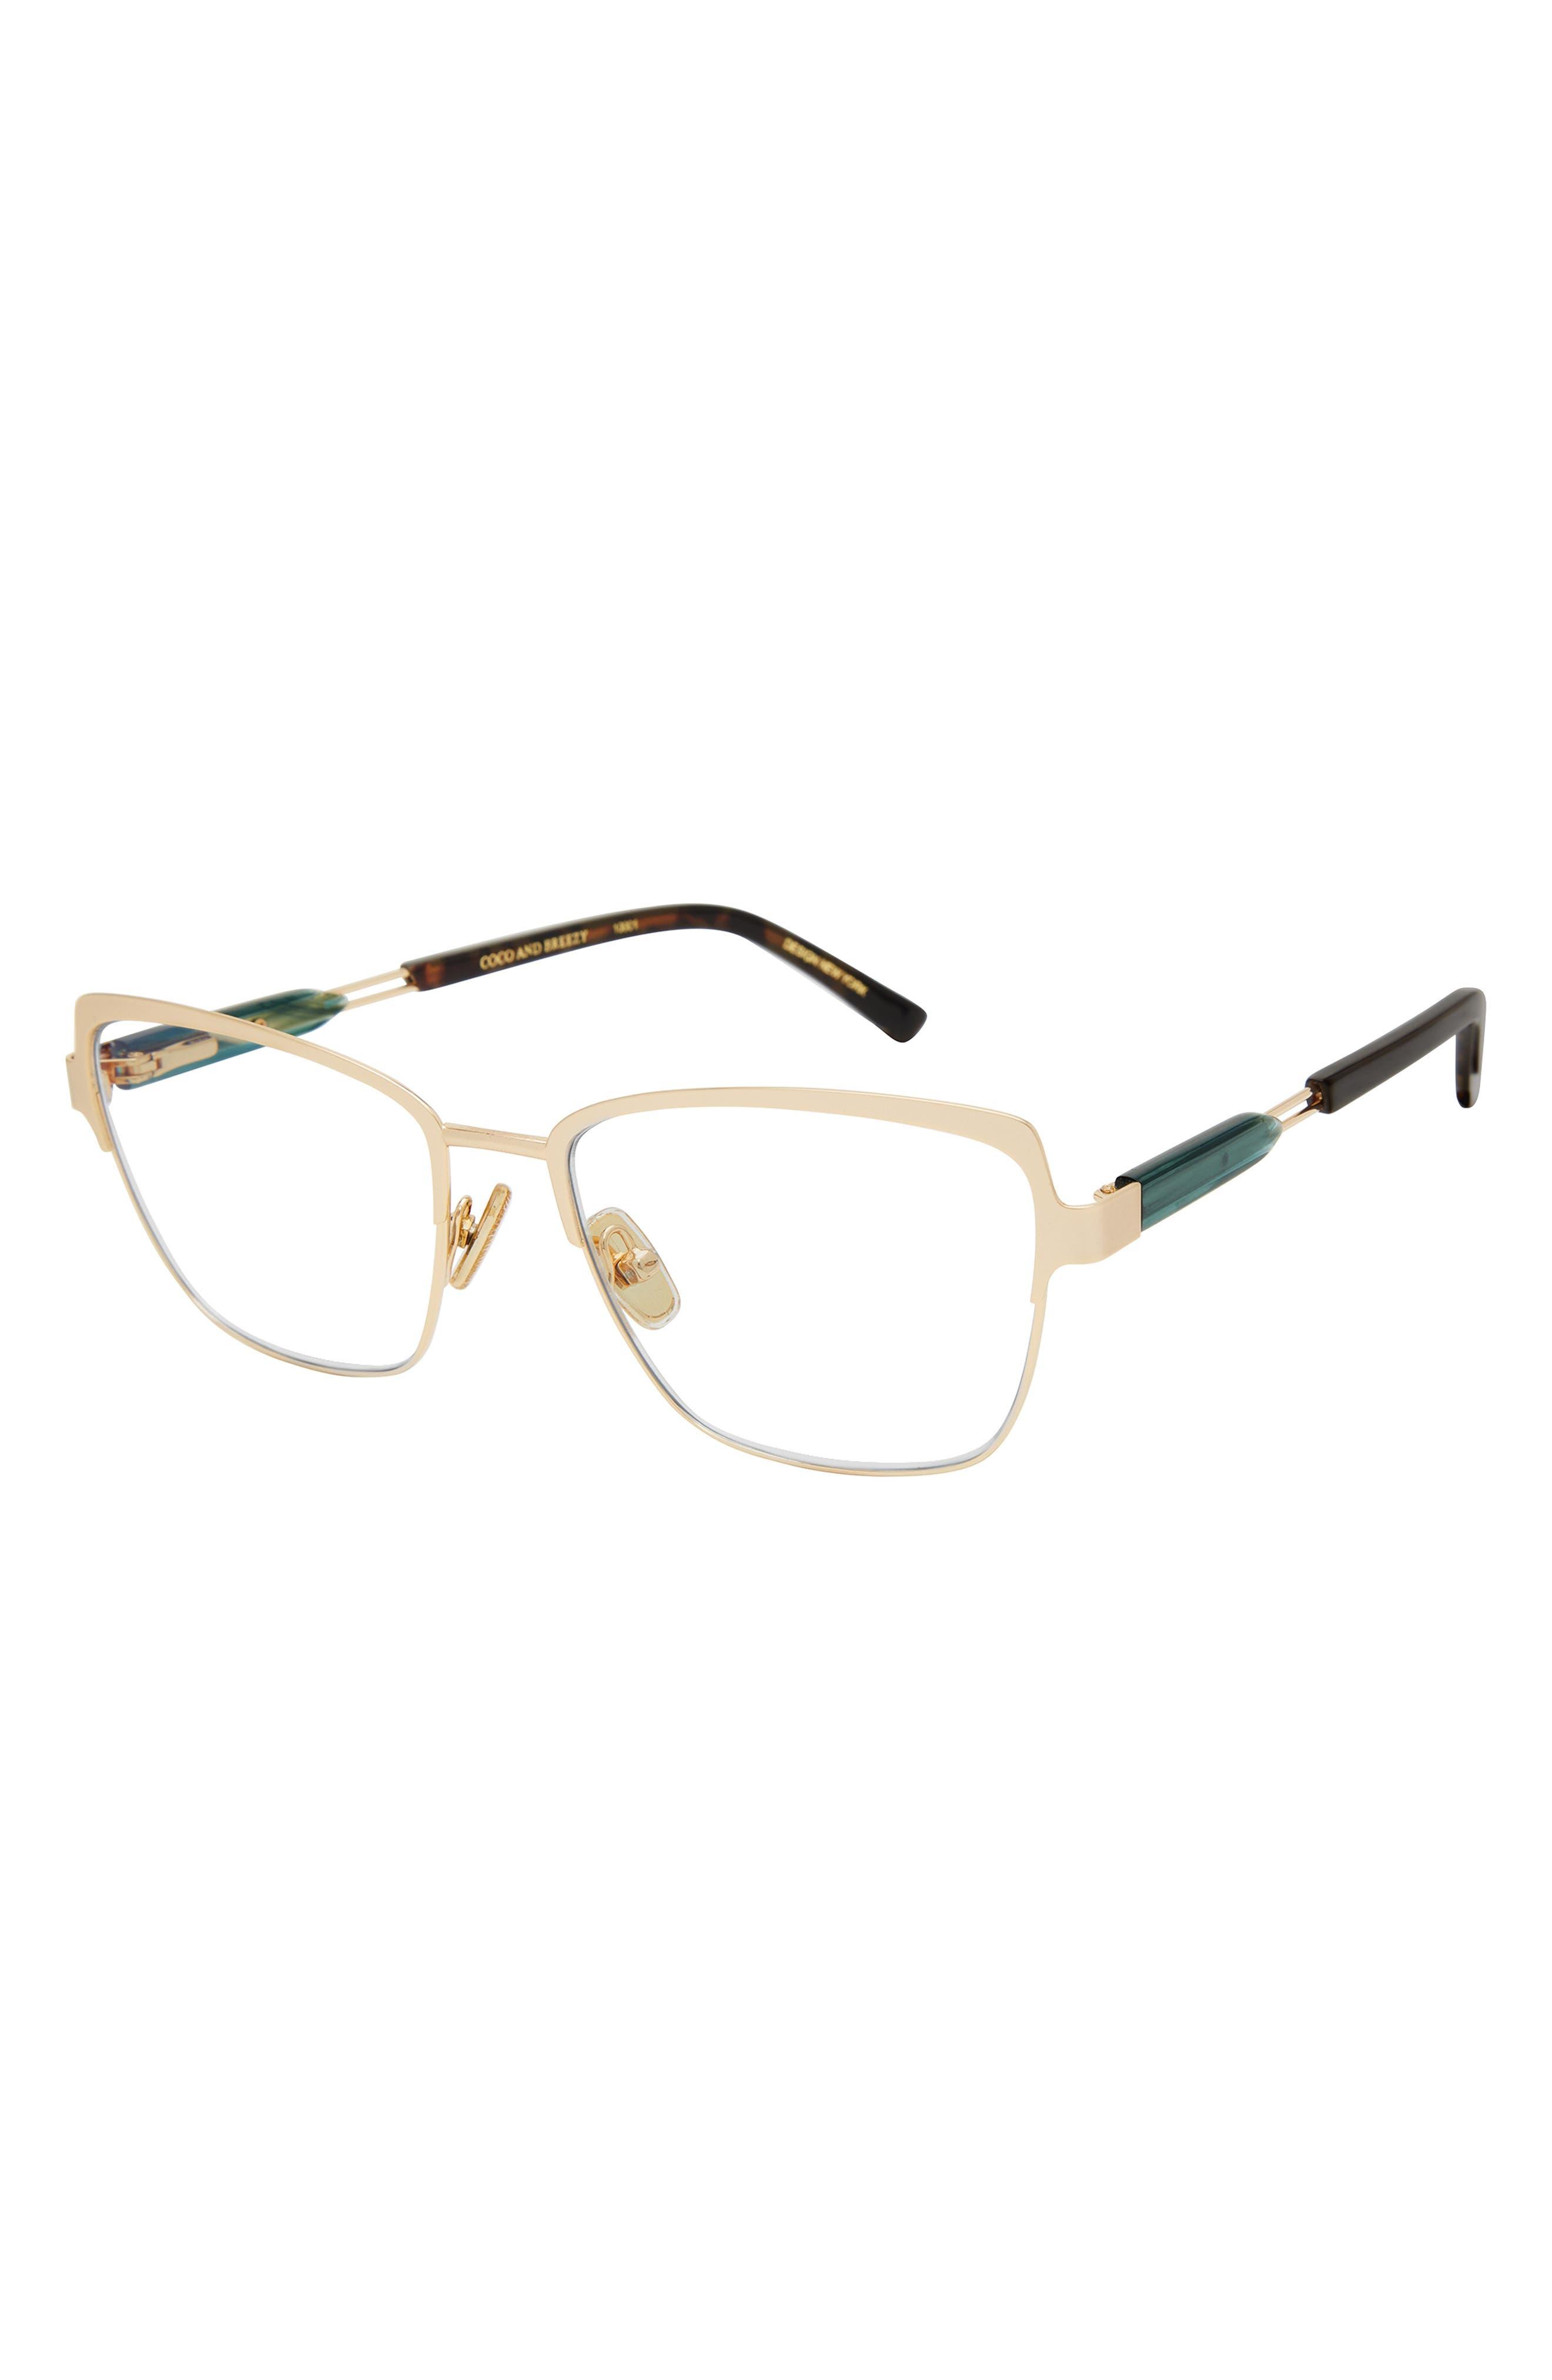 Familiar 52mm Rectangular Blue Light Glasses